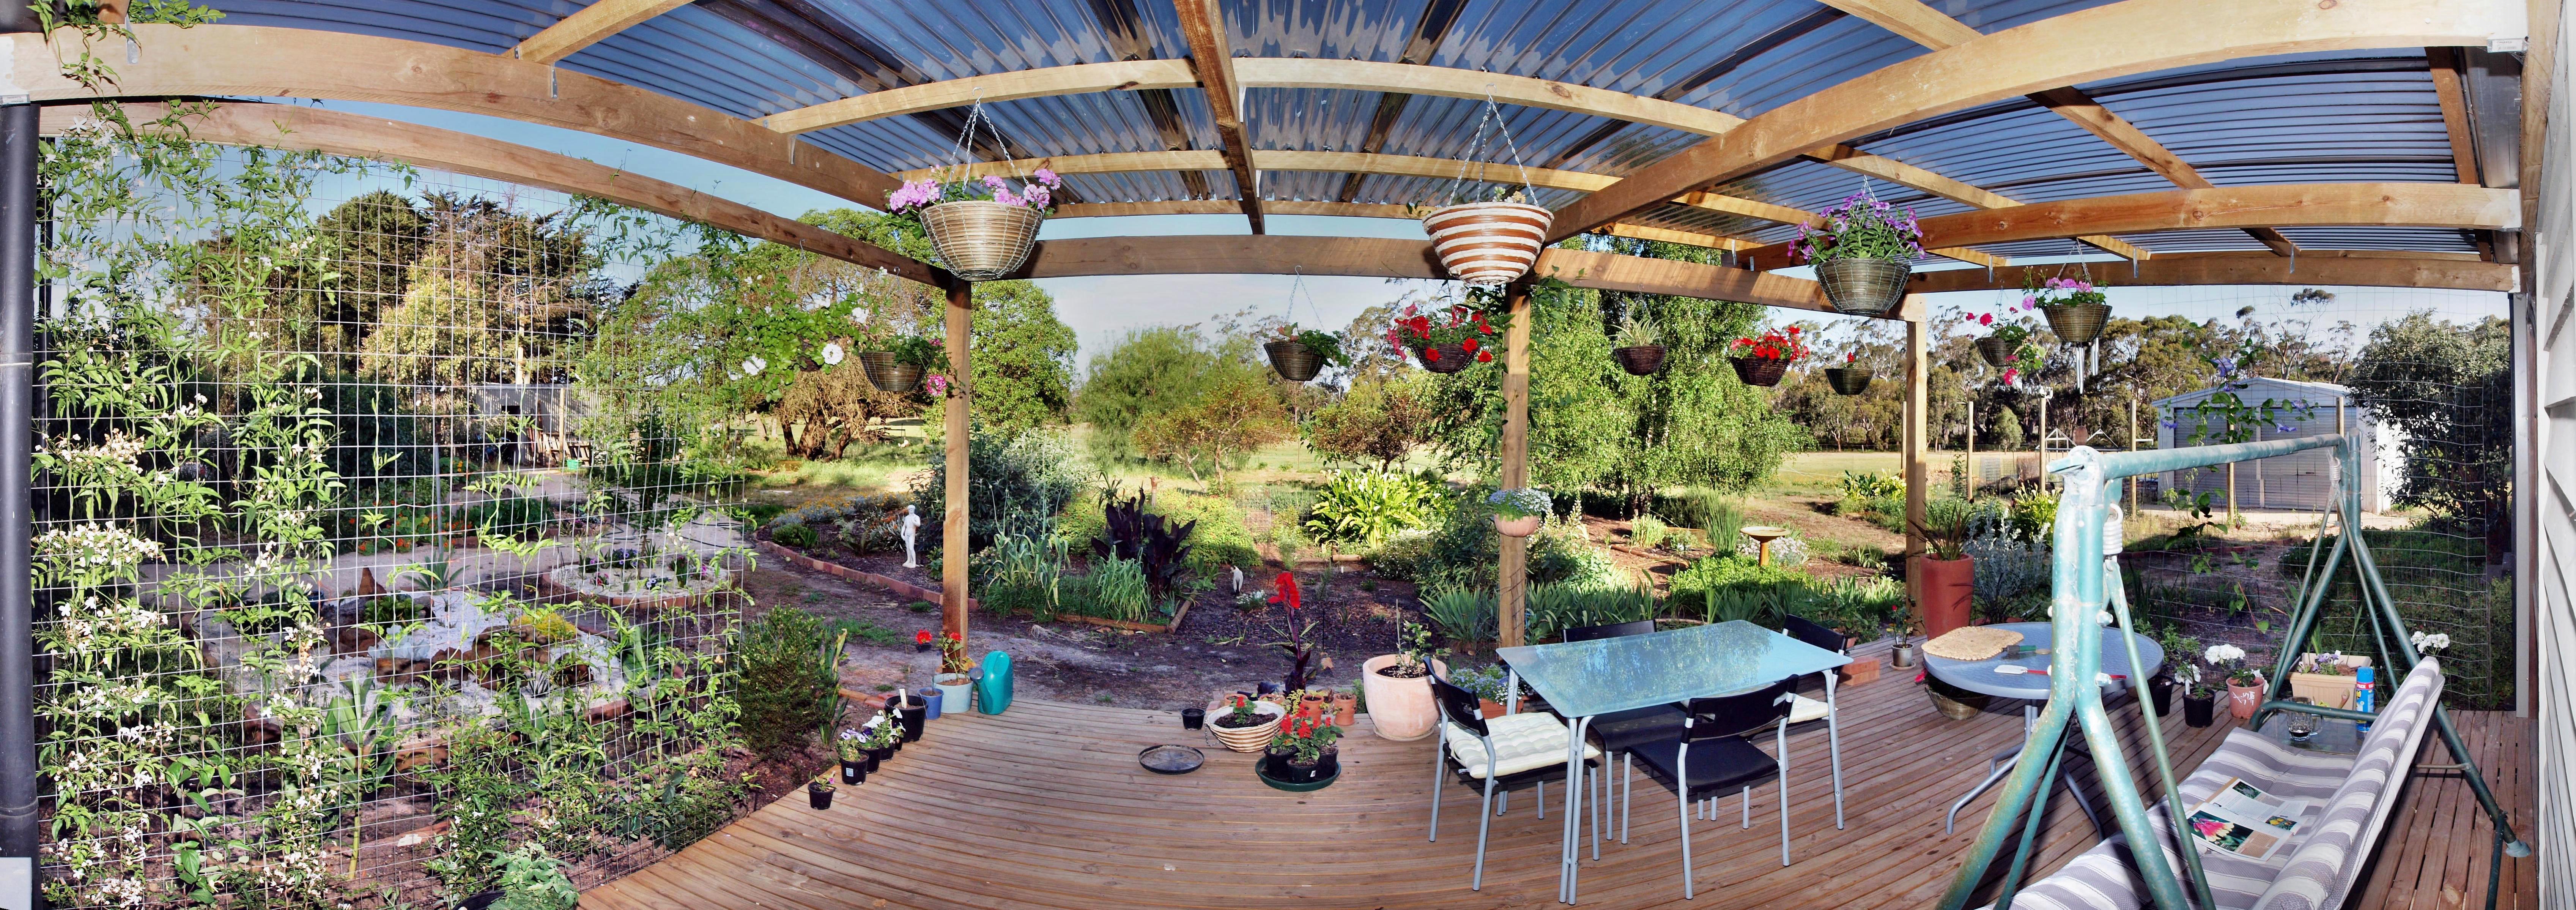 verandah-panorama-2.jpeg